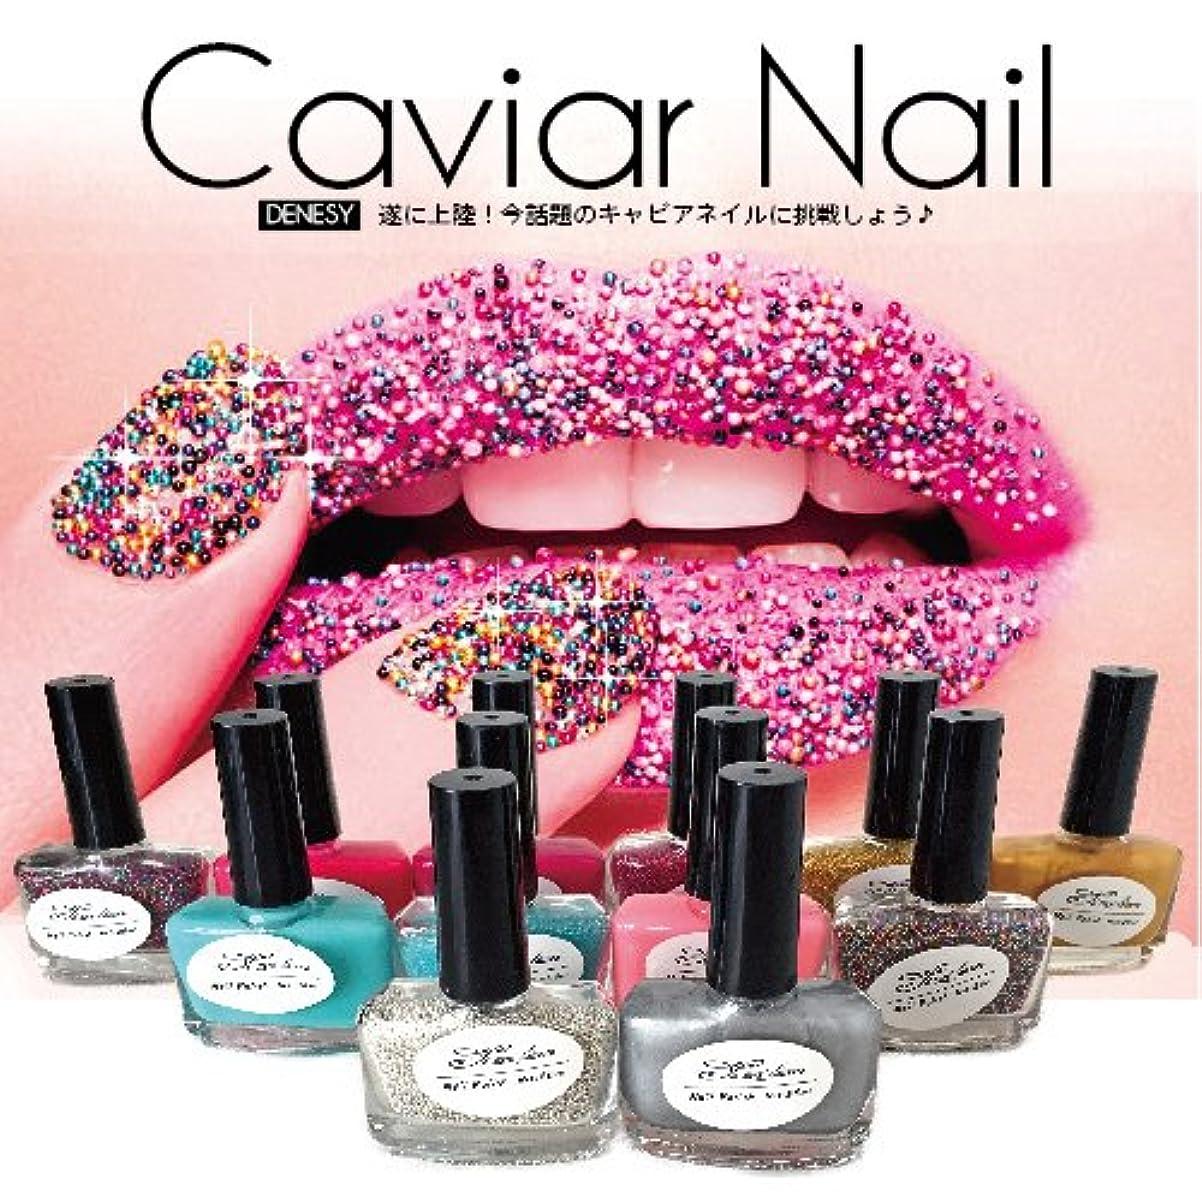 許容できる絶え間ない閲覧するキャビアネイル DENESY Caviar Nail (3点セット)NEWリニューアル 08:グリーン [マニキュア ネイルカラー ネイルポリッシュ SHANTI Caviar Manicure kit]